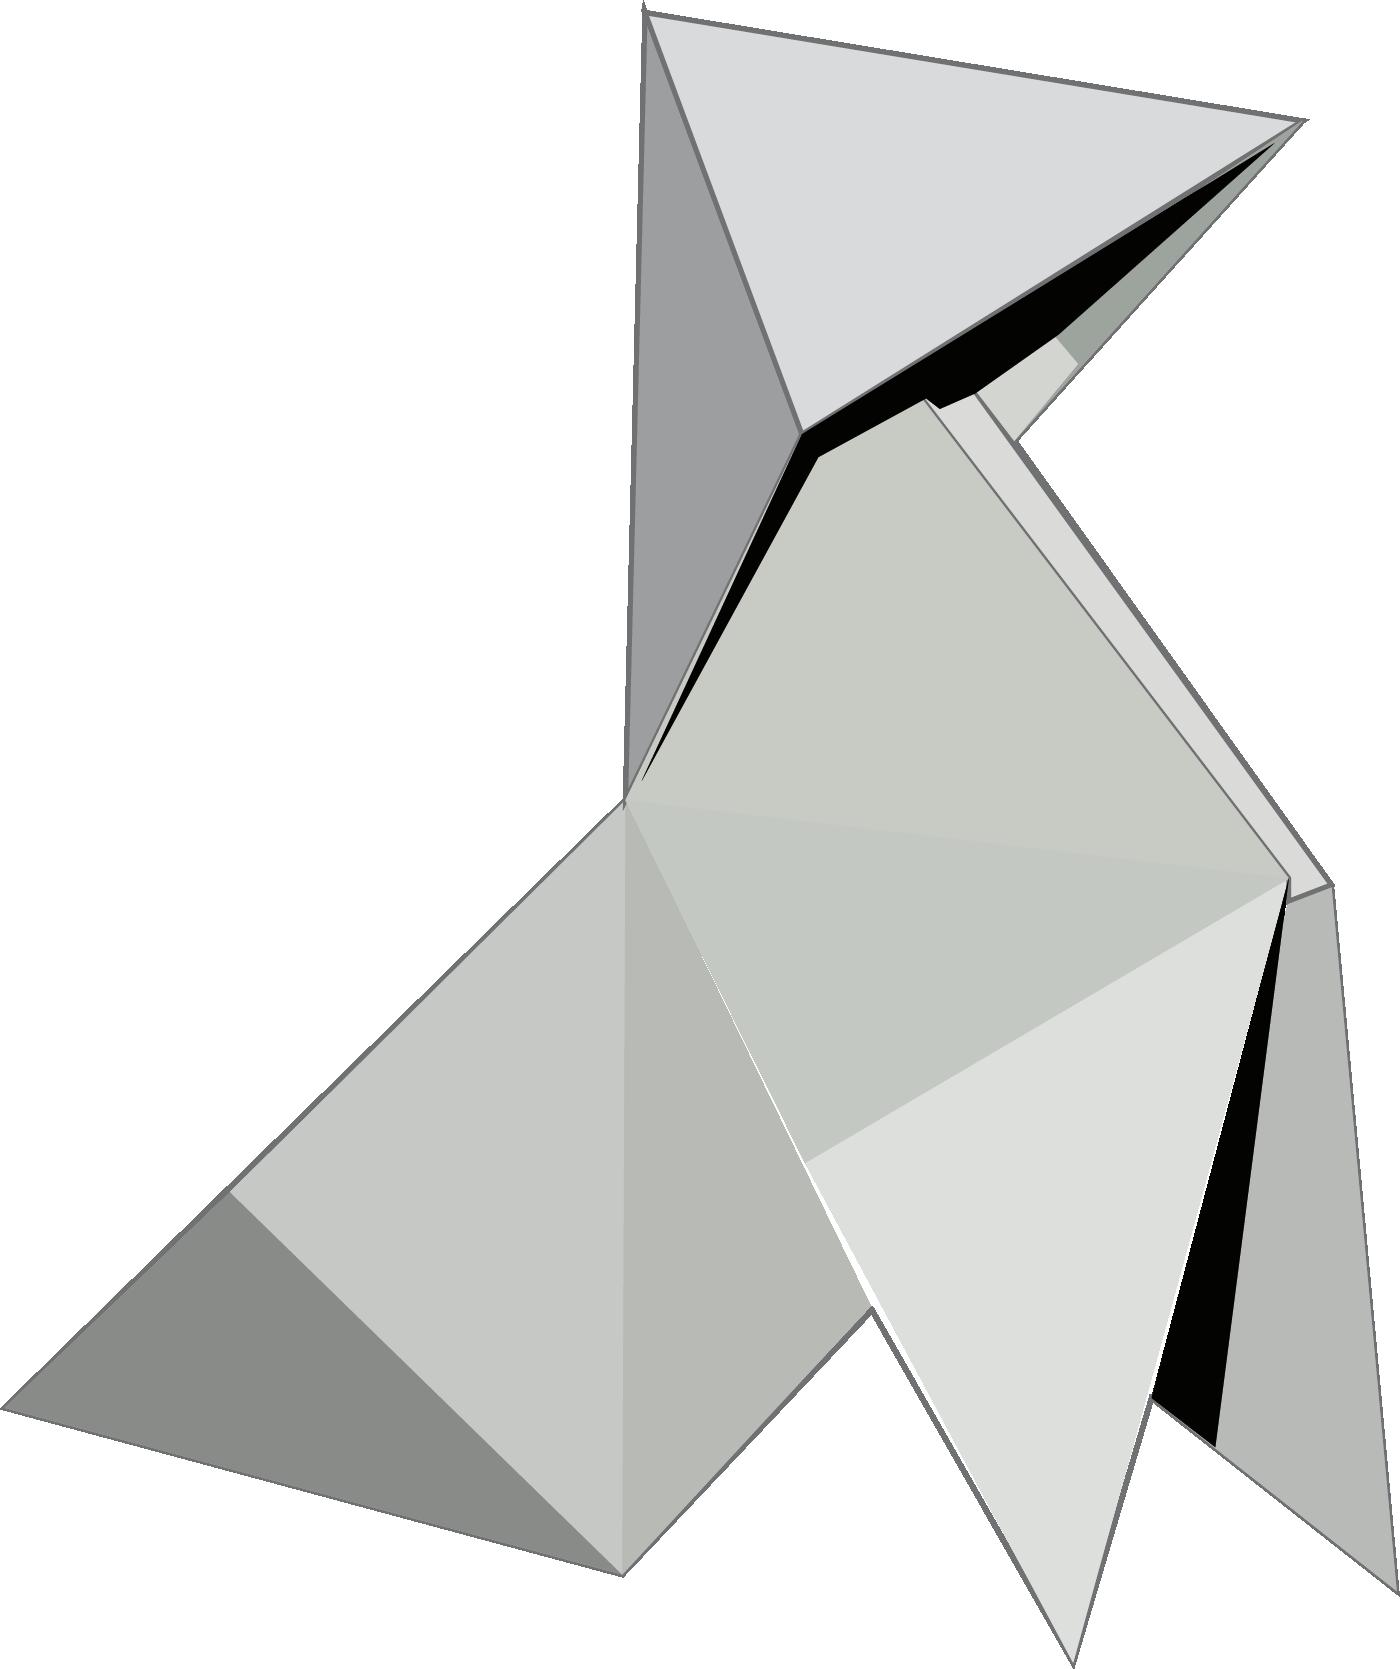 jesus garcía jiménez, pajarita de papel, propuesta de símbolo defensa papel, artes gráficas, industria gráfica, sostenibilidad, reciclabilidad